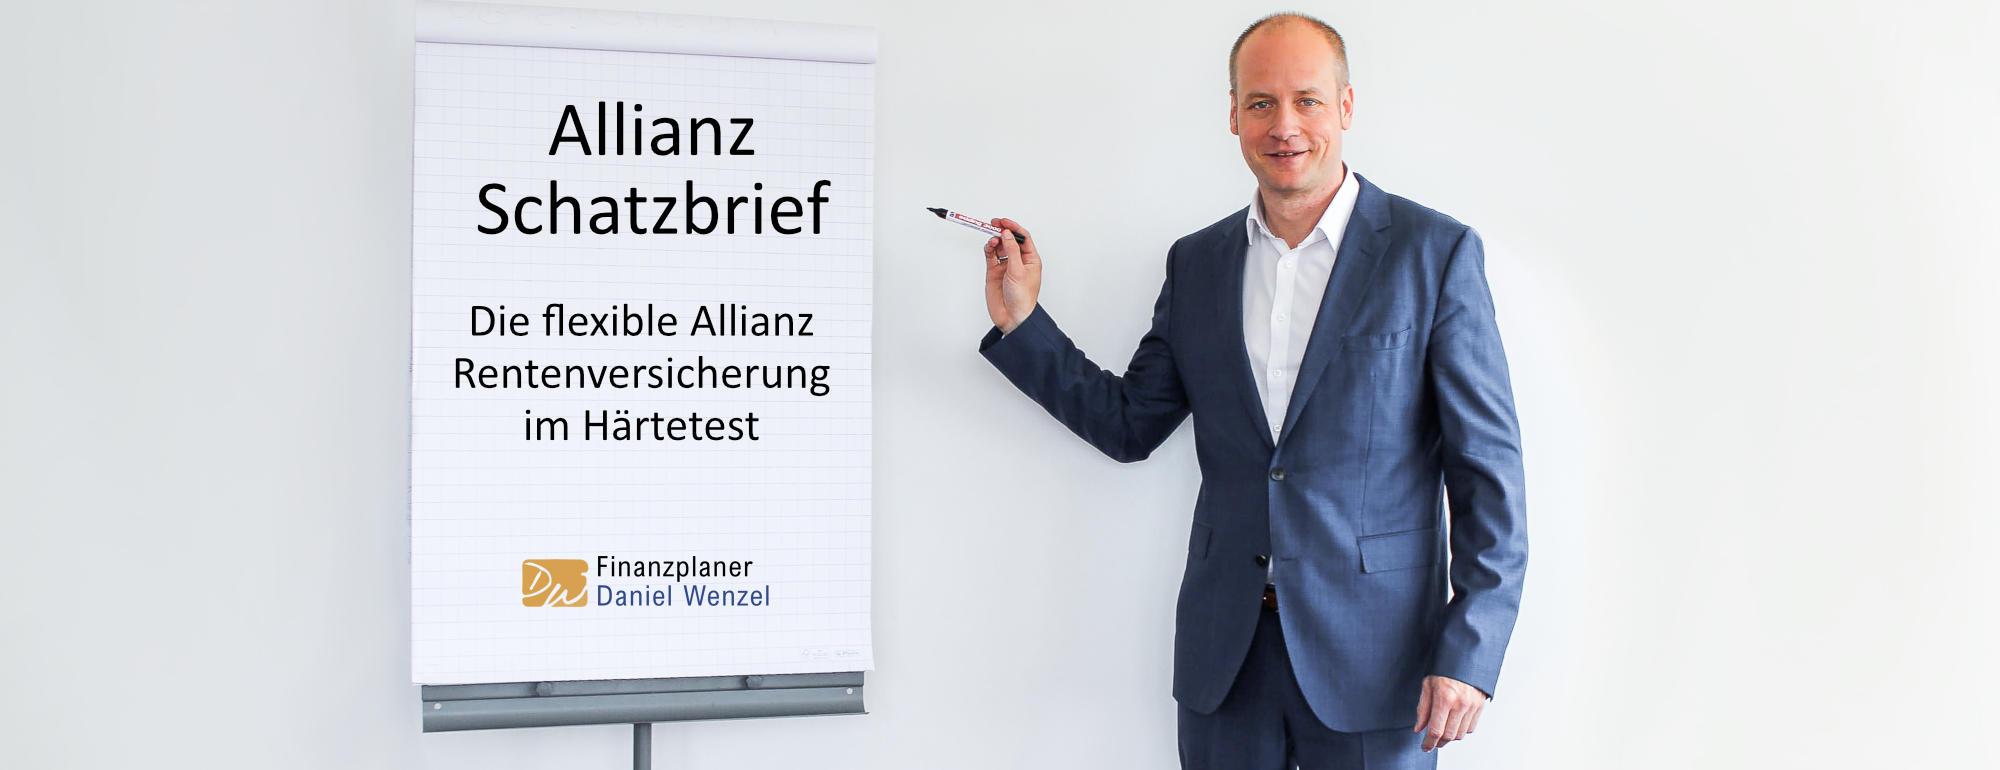 Allianz Schatzbrief - Die flexible Allianz Rentenversicherung im Härtetest